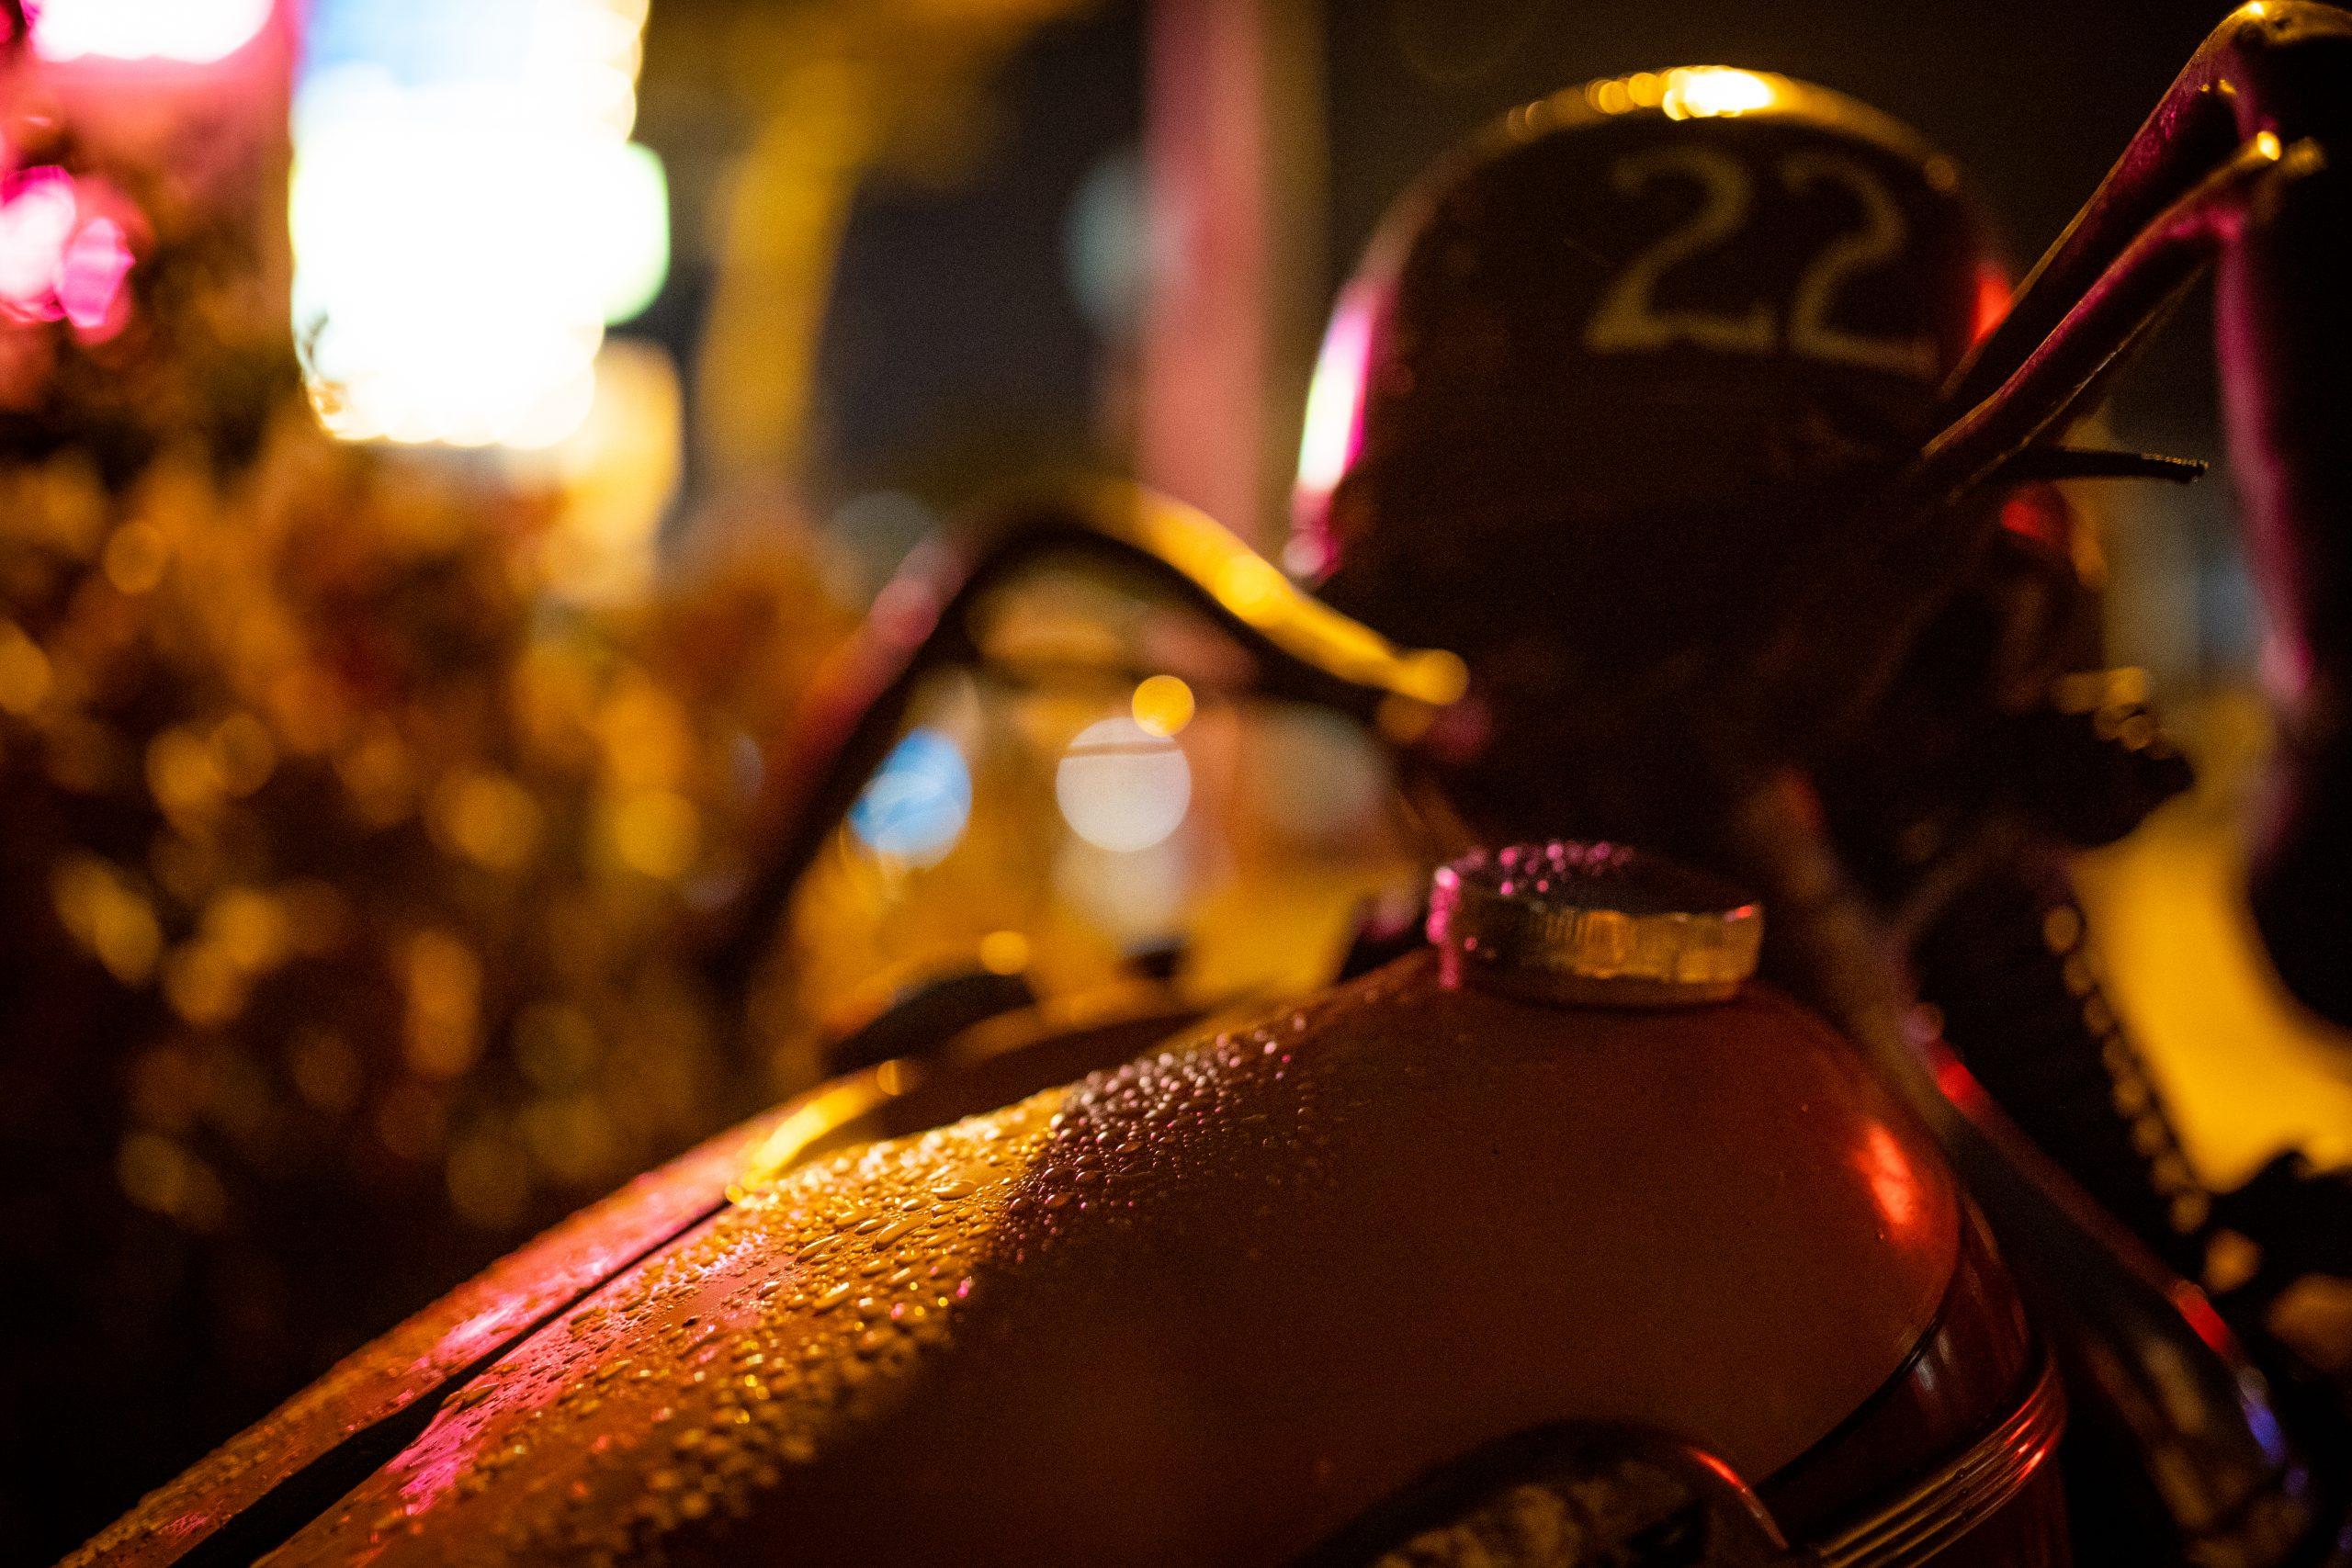 motorbike at night tank perspiration